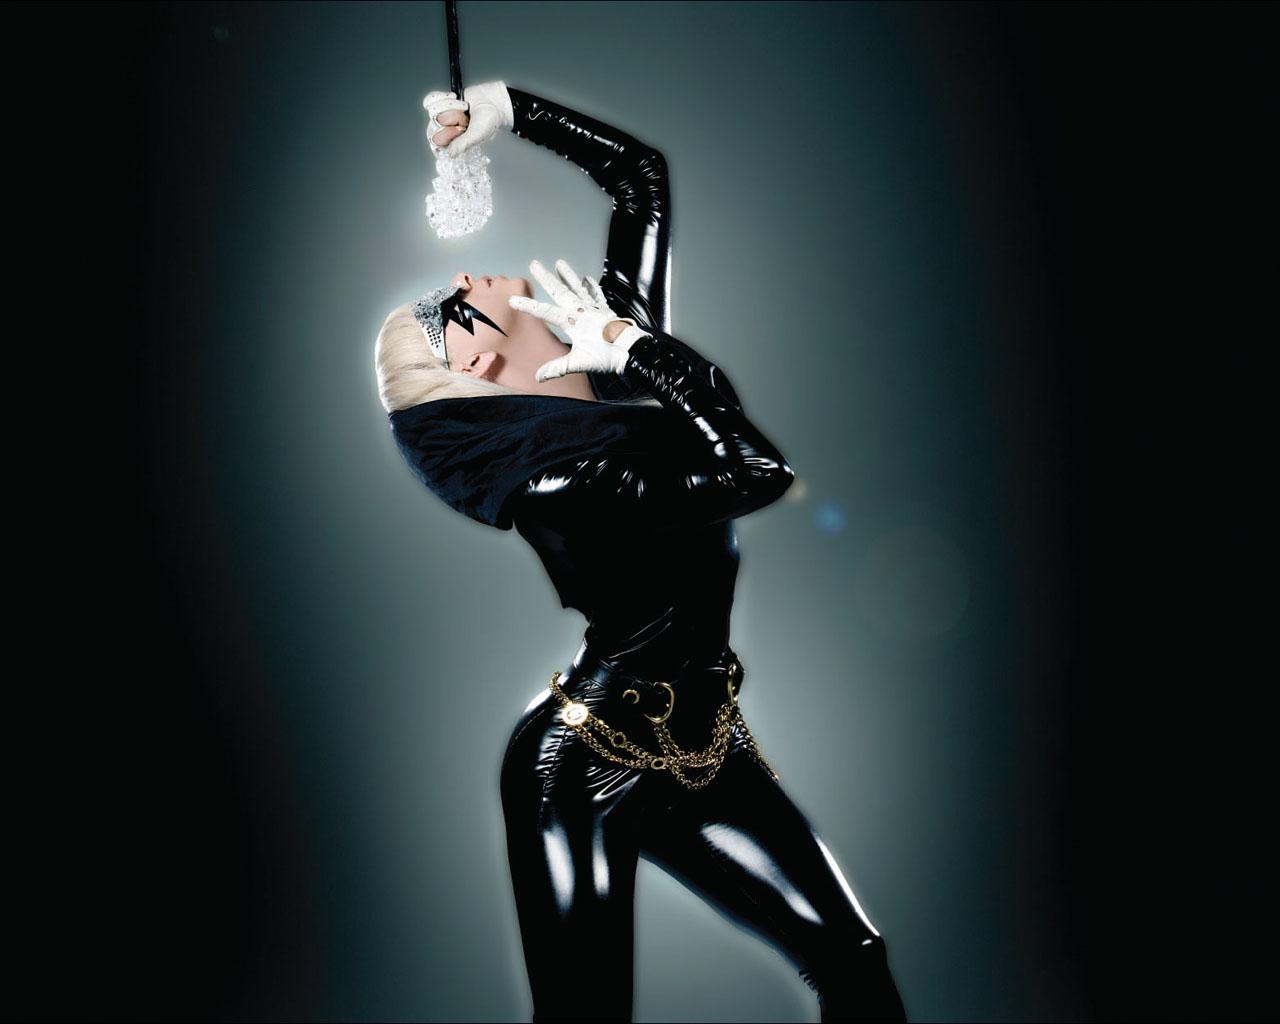 http://2.bp.blogspot.com/-Oo87bVD4gps/TepaTCvOAQI/AAAAAAAAB18/7eX5cltdExc/s1600/Lady-Gaga-Wallpaper-9.jpg